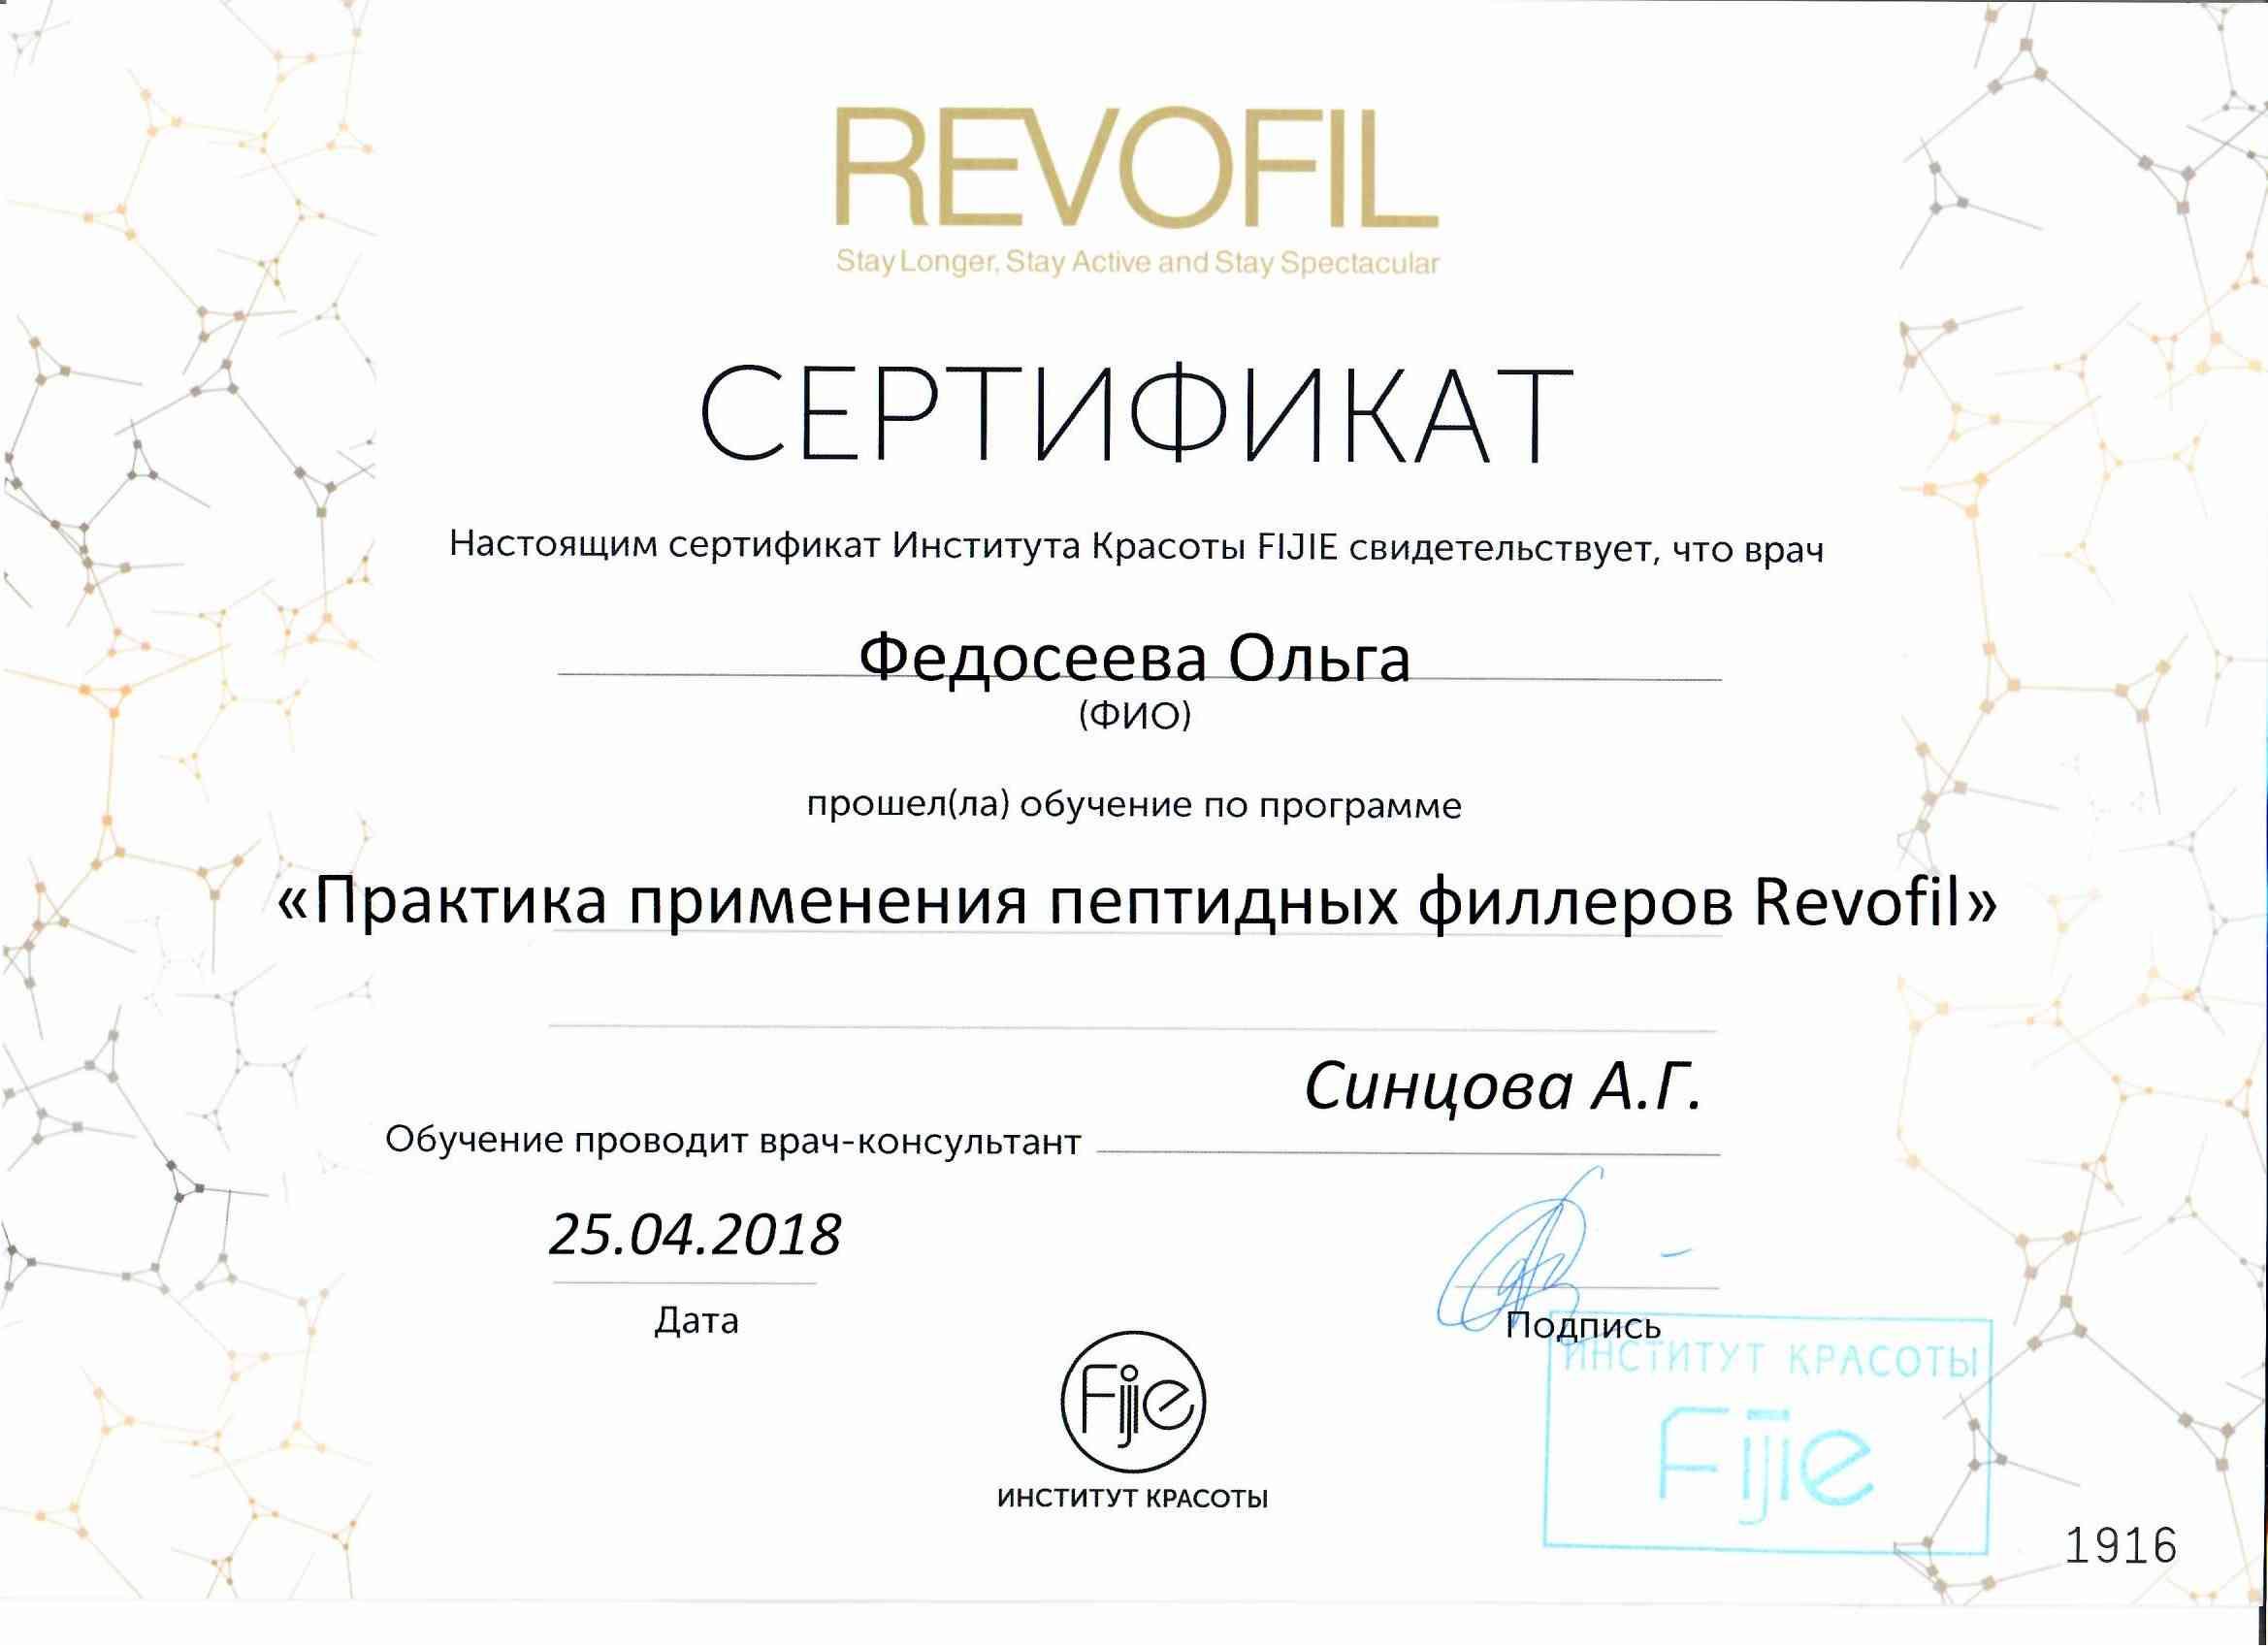 2018 revofil